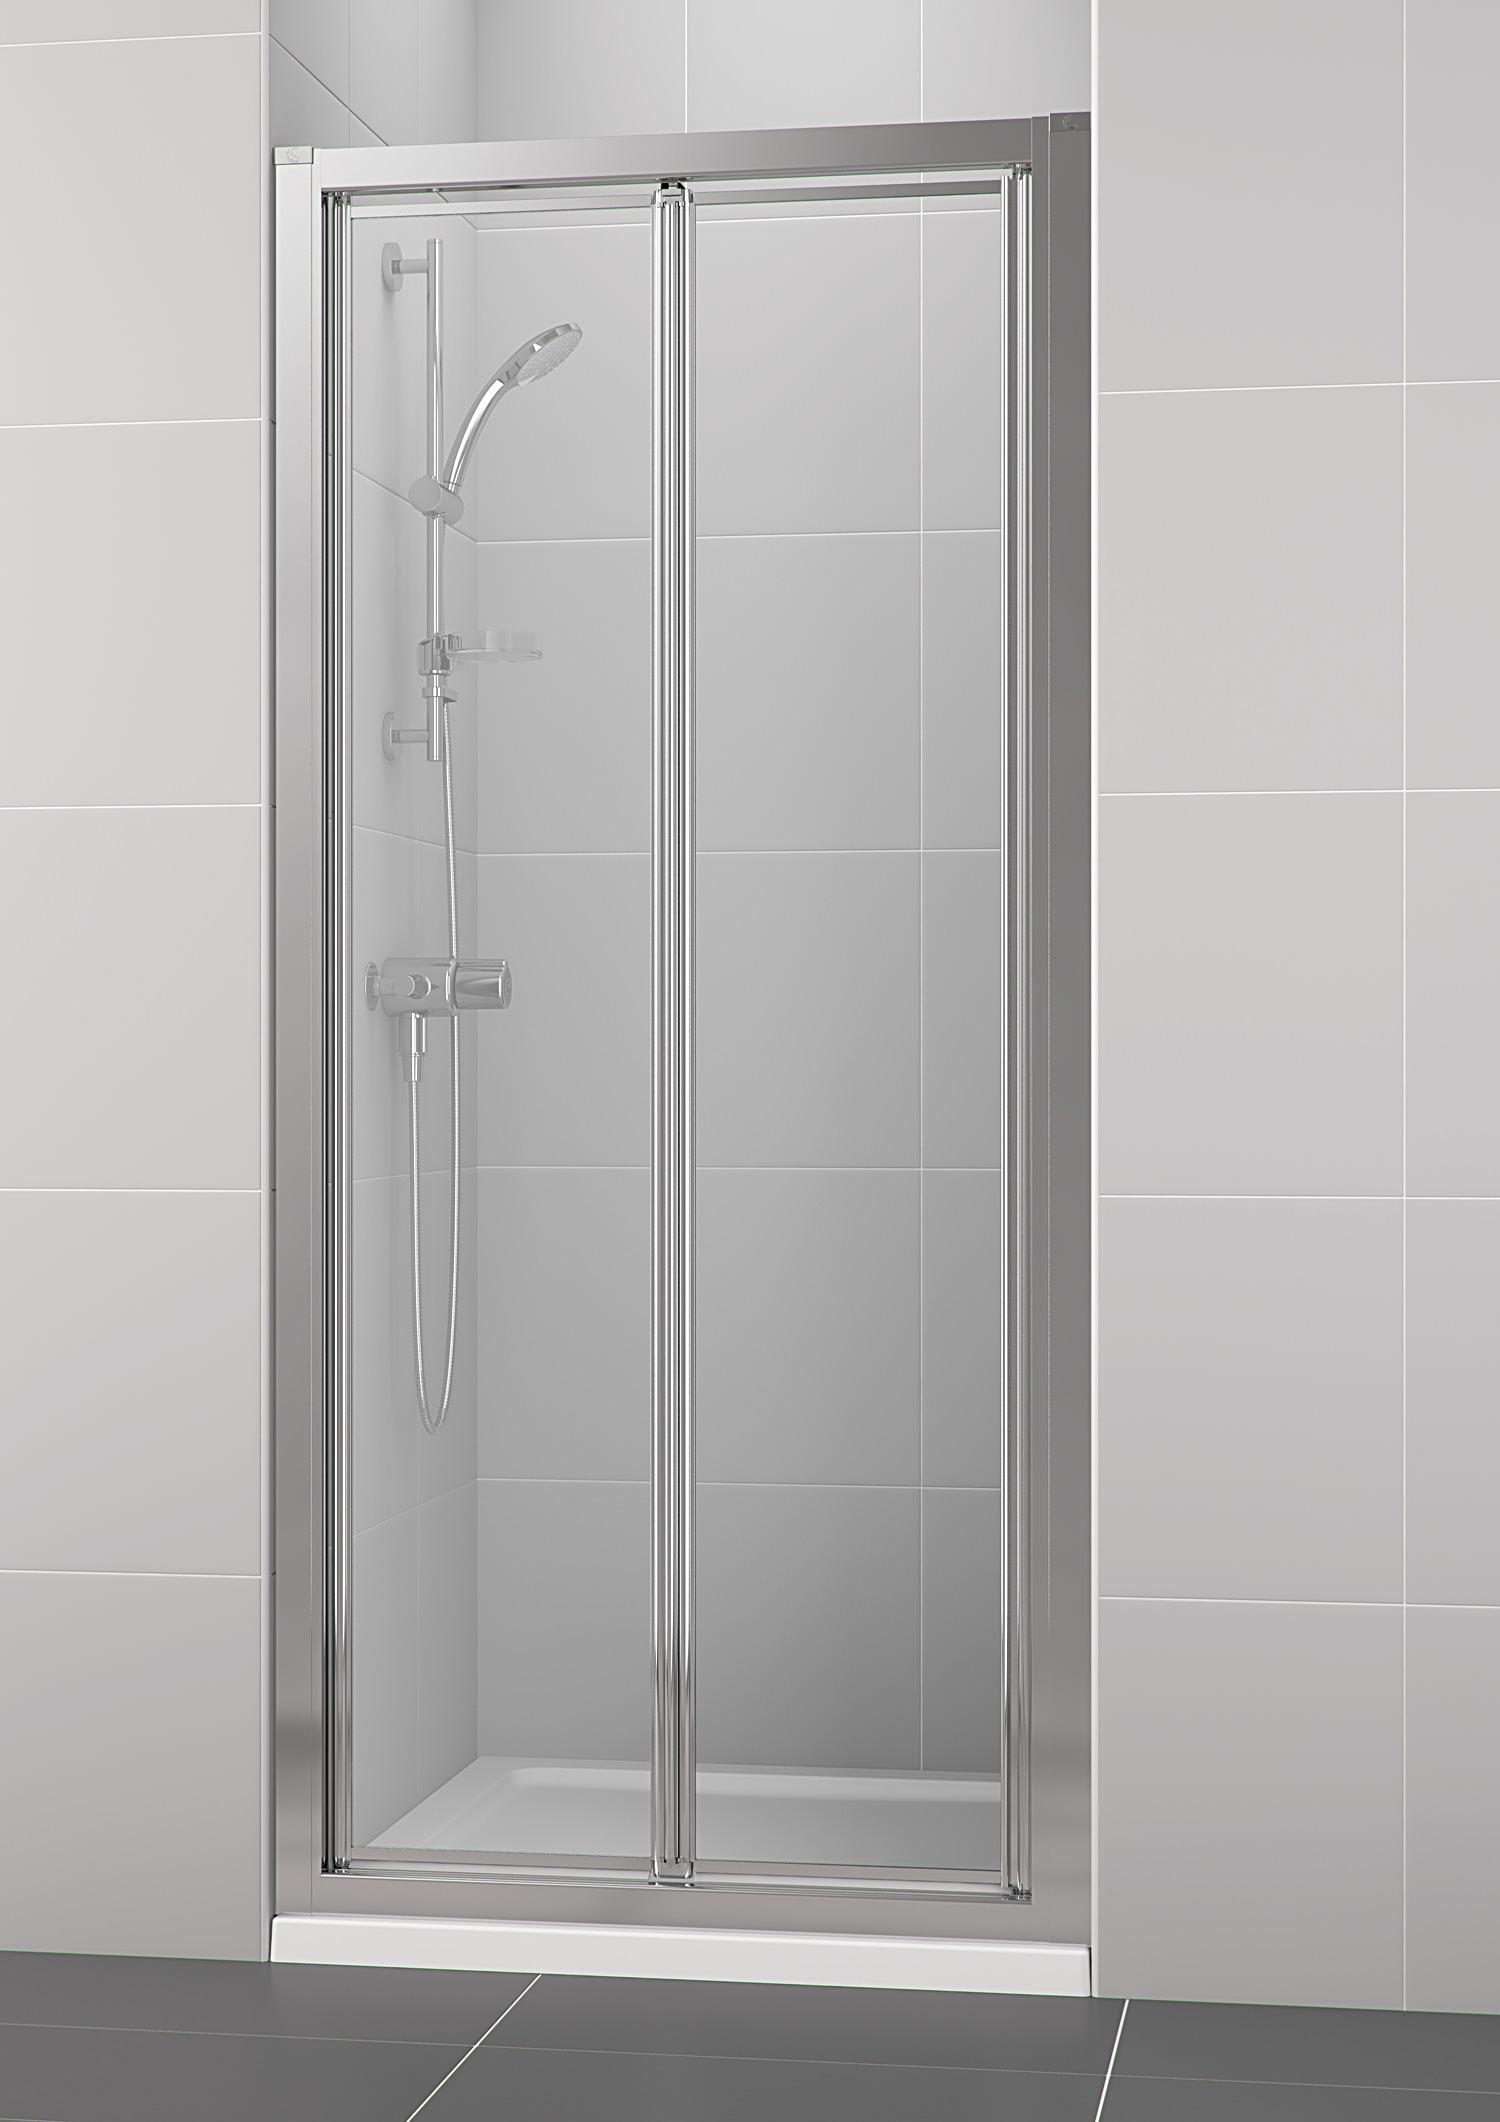 Bifold Bathroom Door: Ideal Standard New Connect 760mm Bifold Shower Door